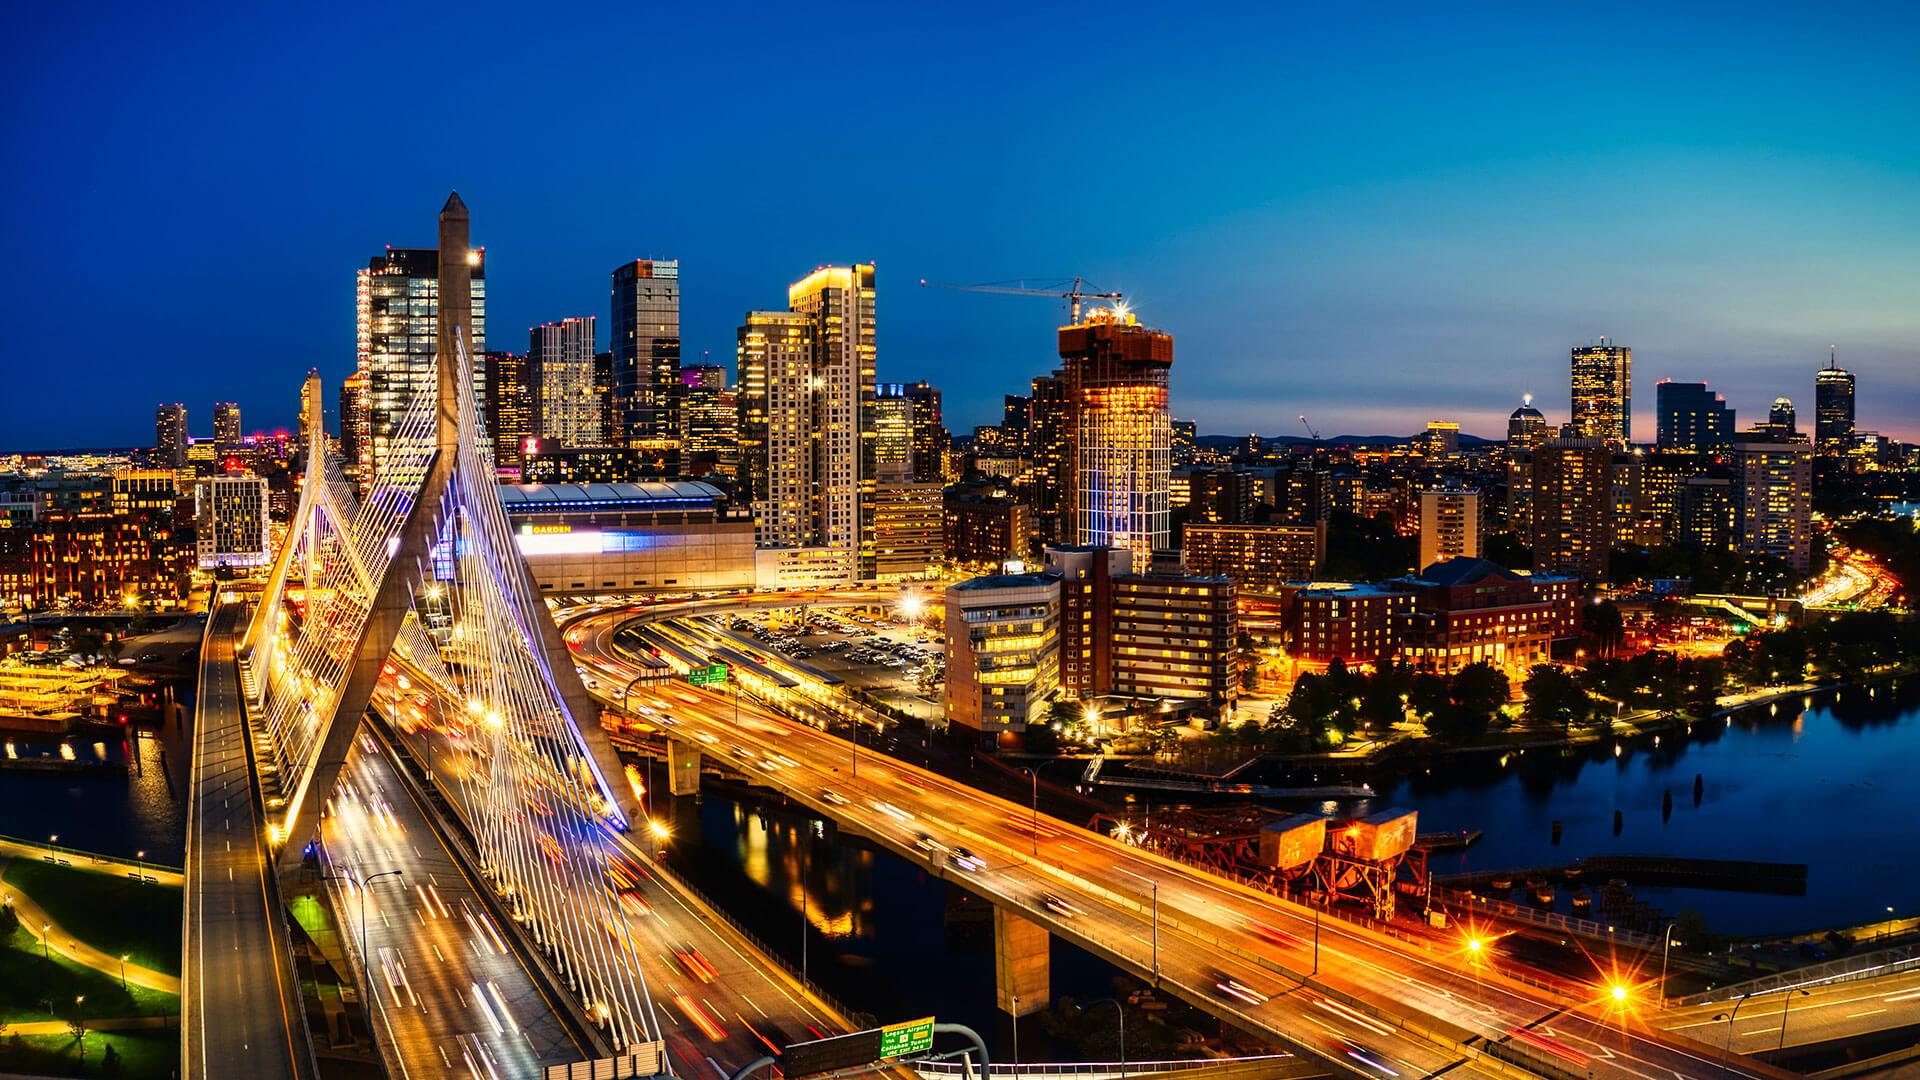 Cityscape of Boston, MA.